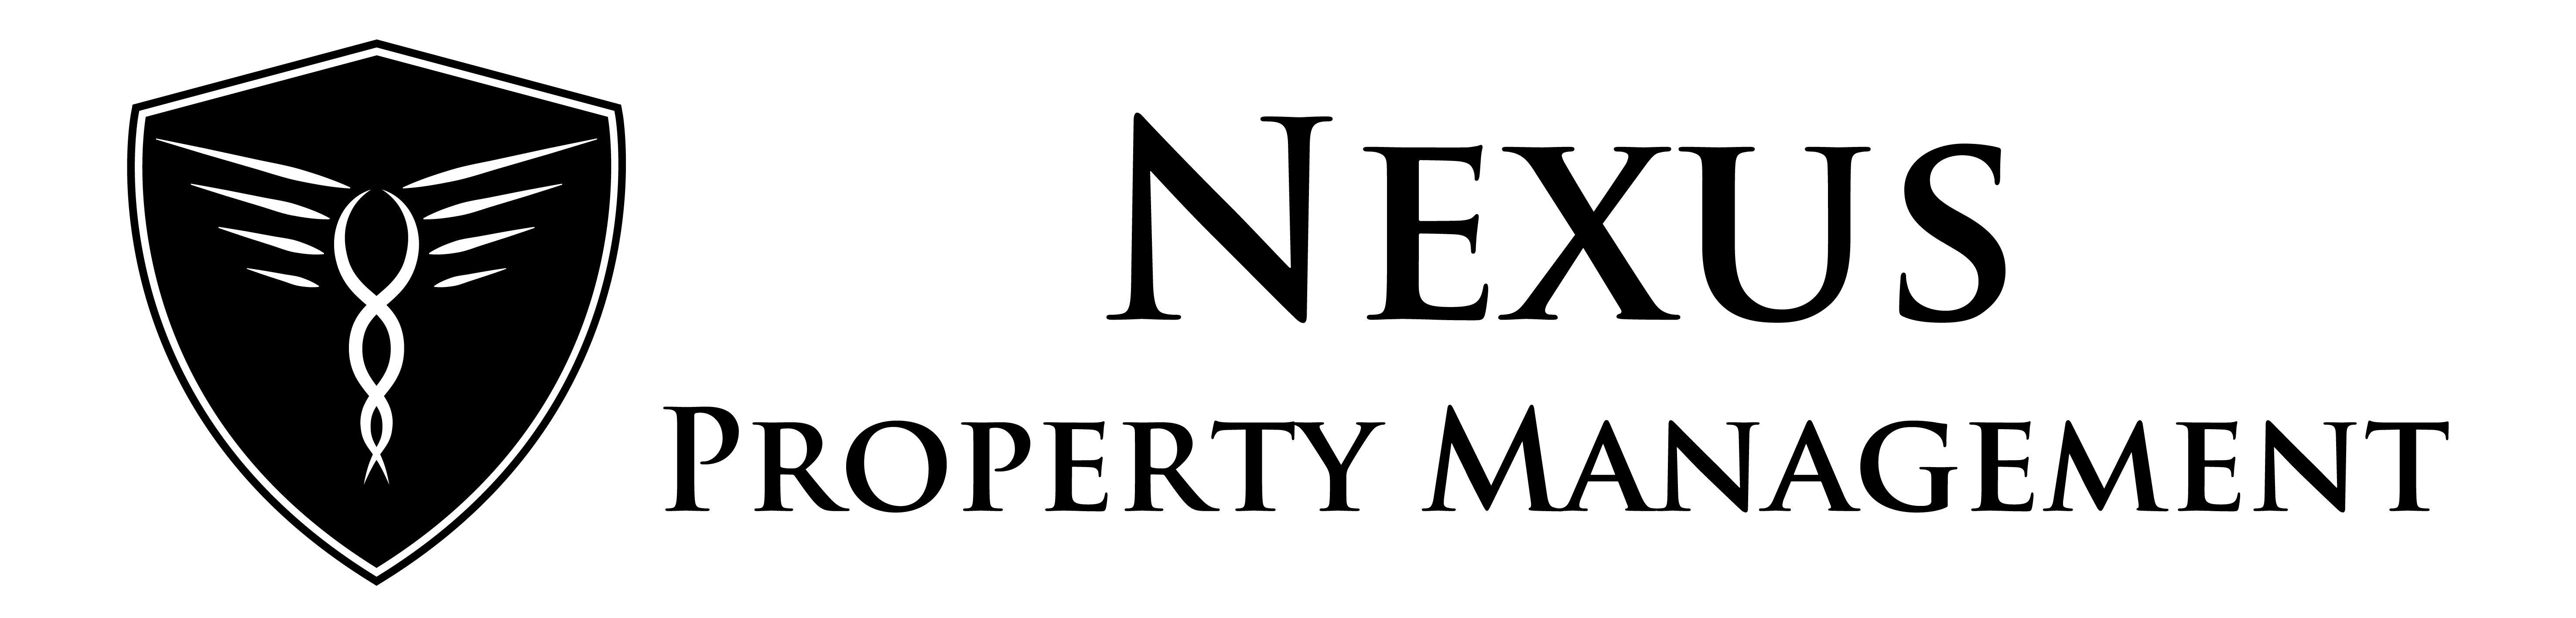 株式会社ネクサスプロパティマネジメント